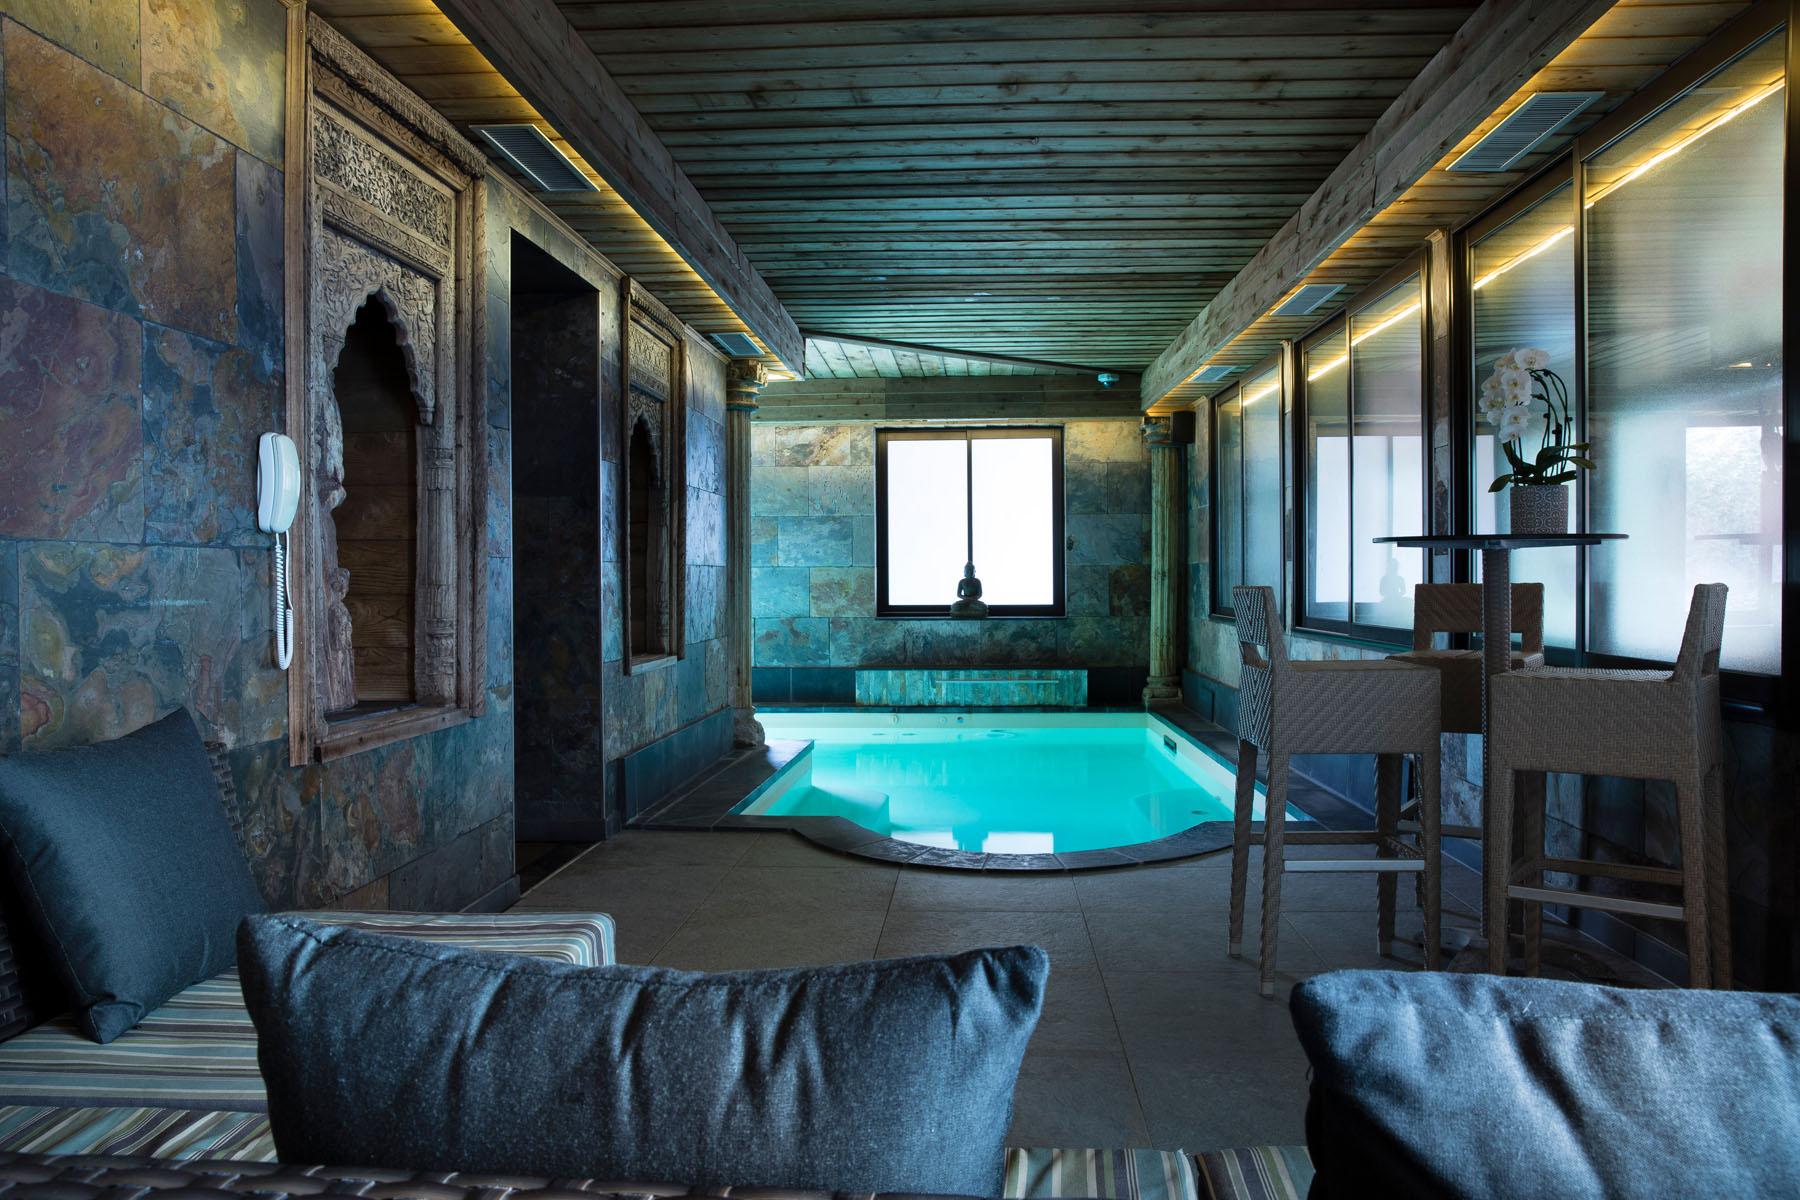 Hôtel Avec Piscine En Normandie | Hôtel Spa Le Lion D'or À ... tout Hotel Avec Piscine Normandie